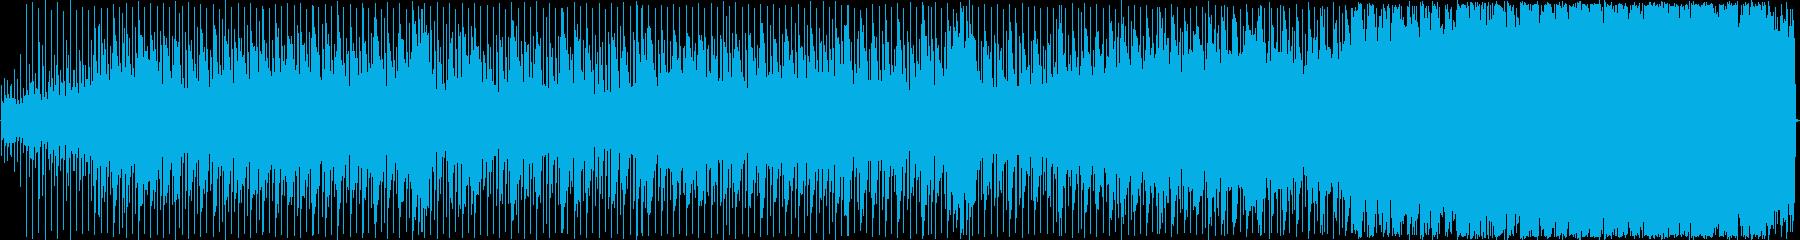 暗闇や恐怖を煽るダークサウンドの再生済みの波形